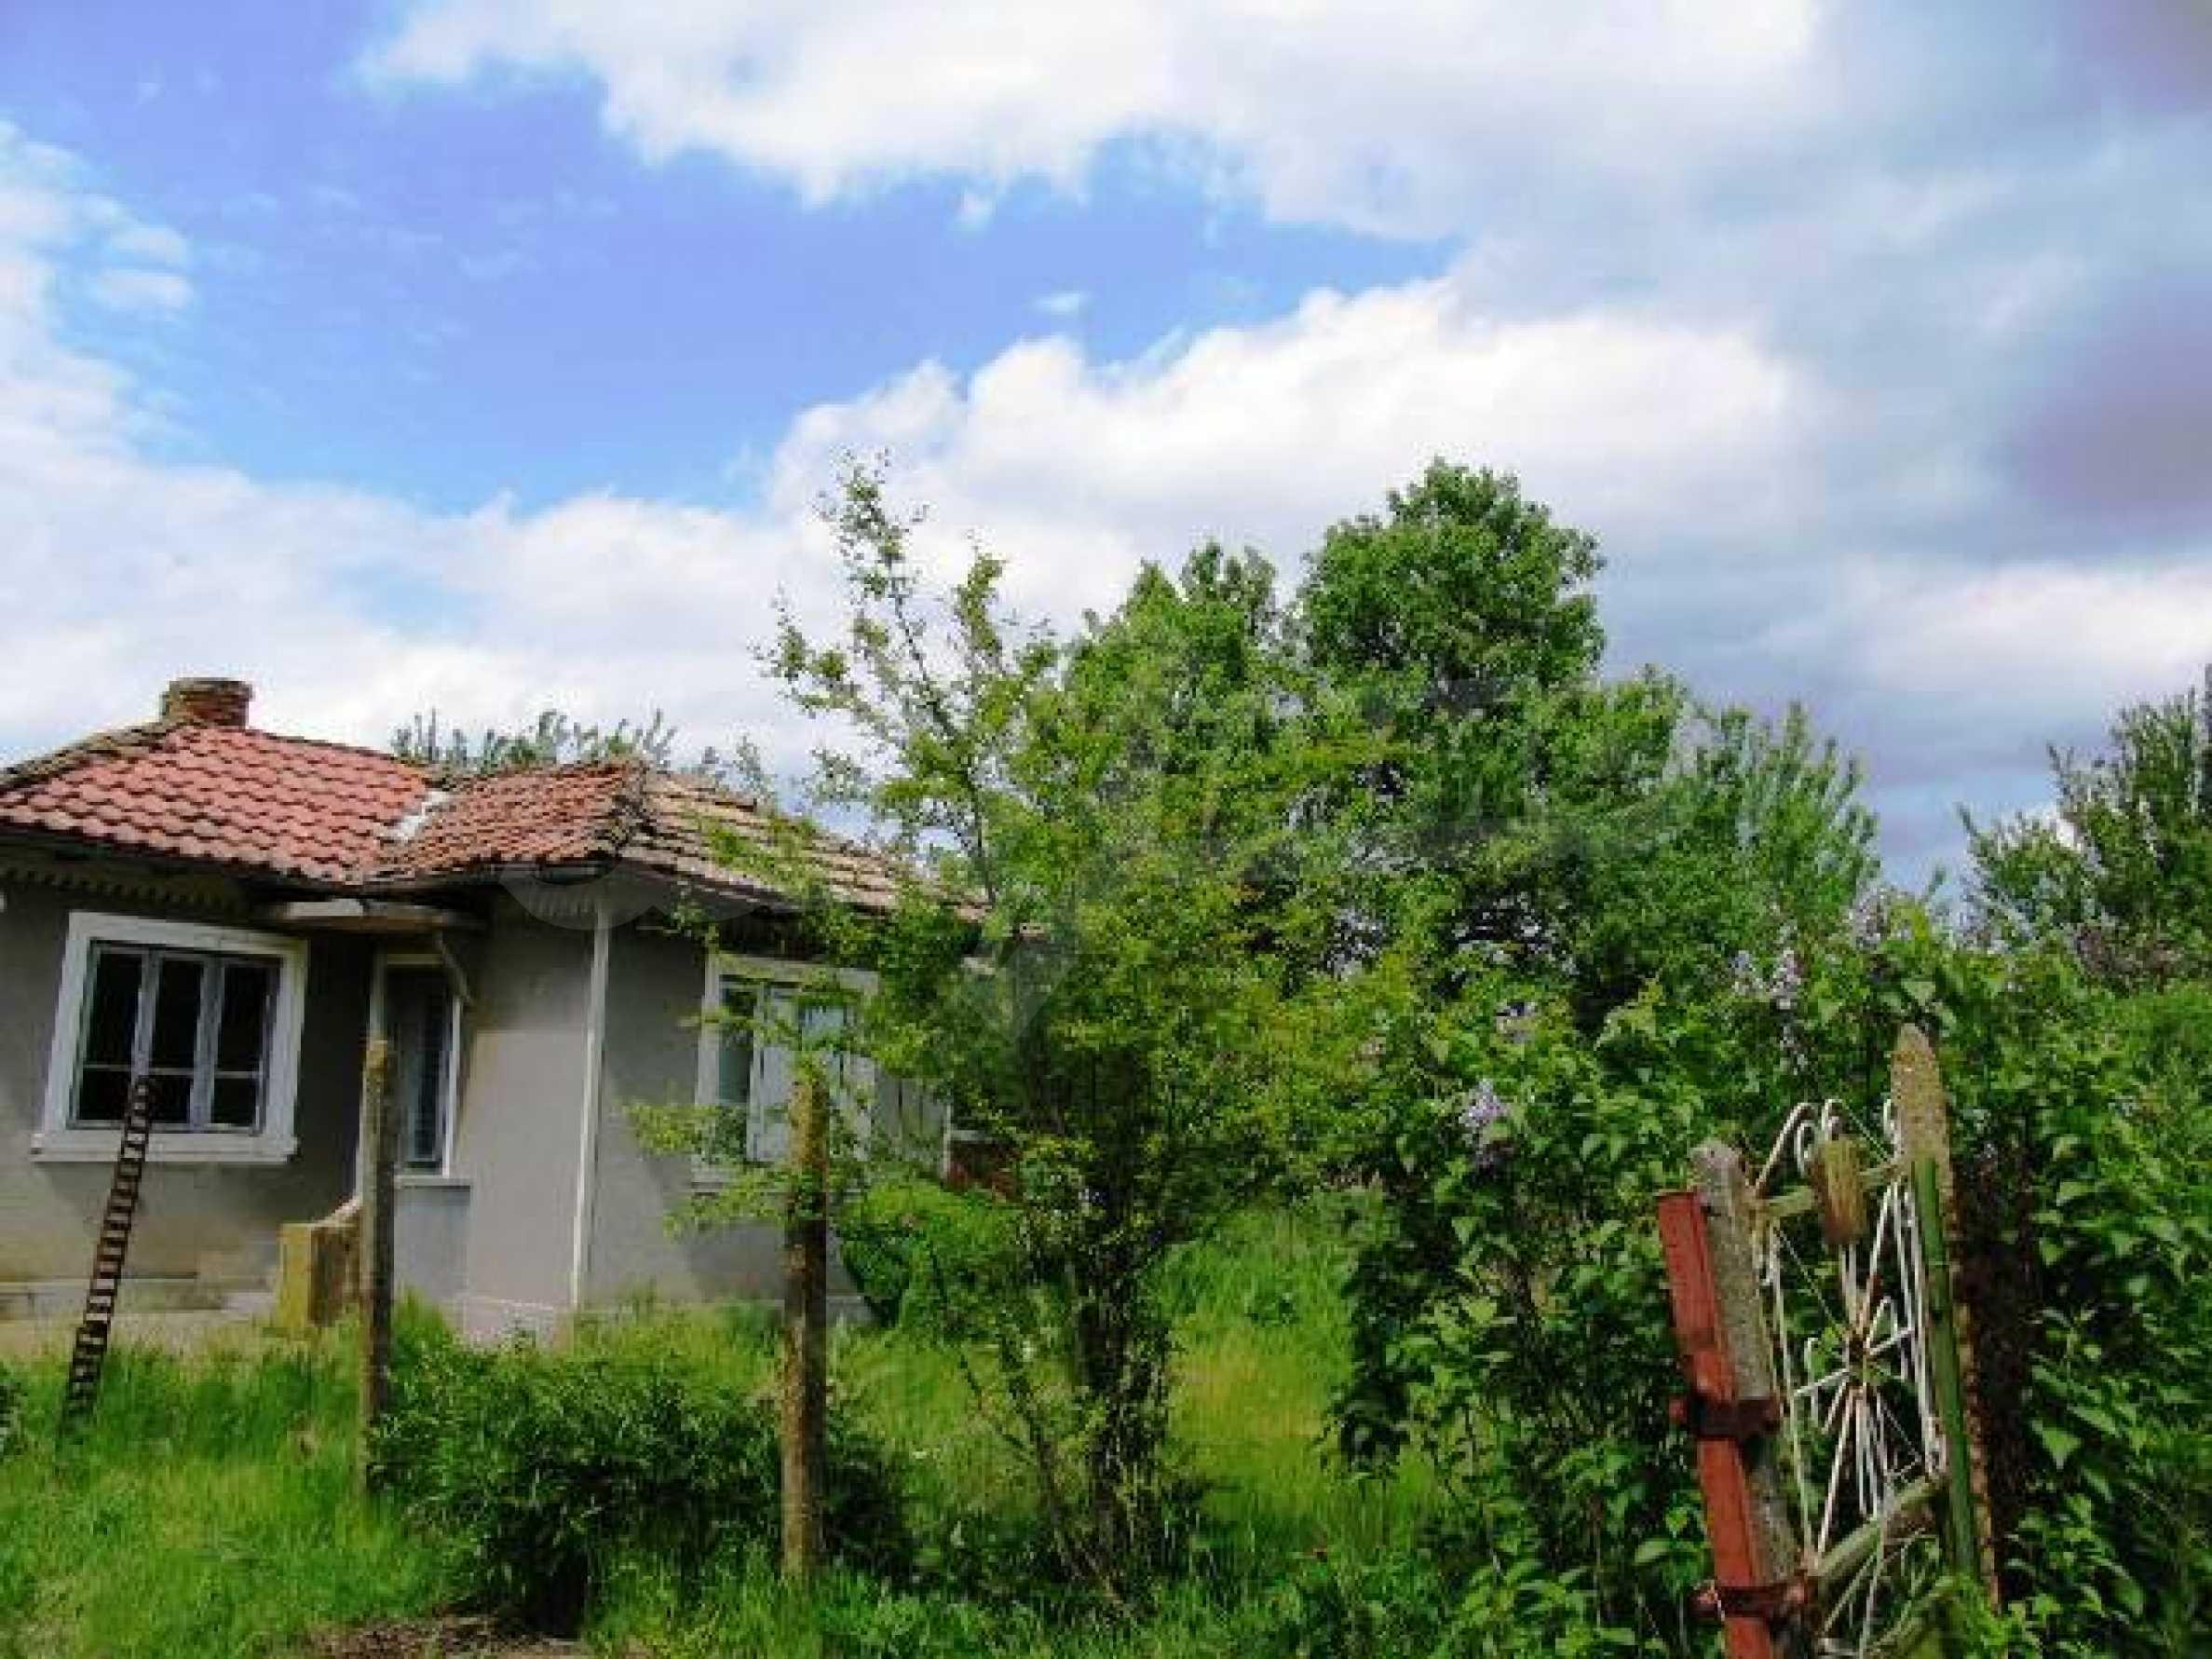 House for sale in Zementsi village near by Romanian border 2